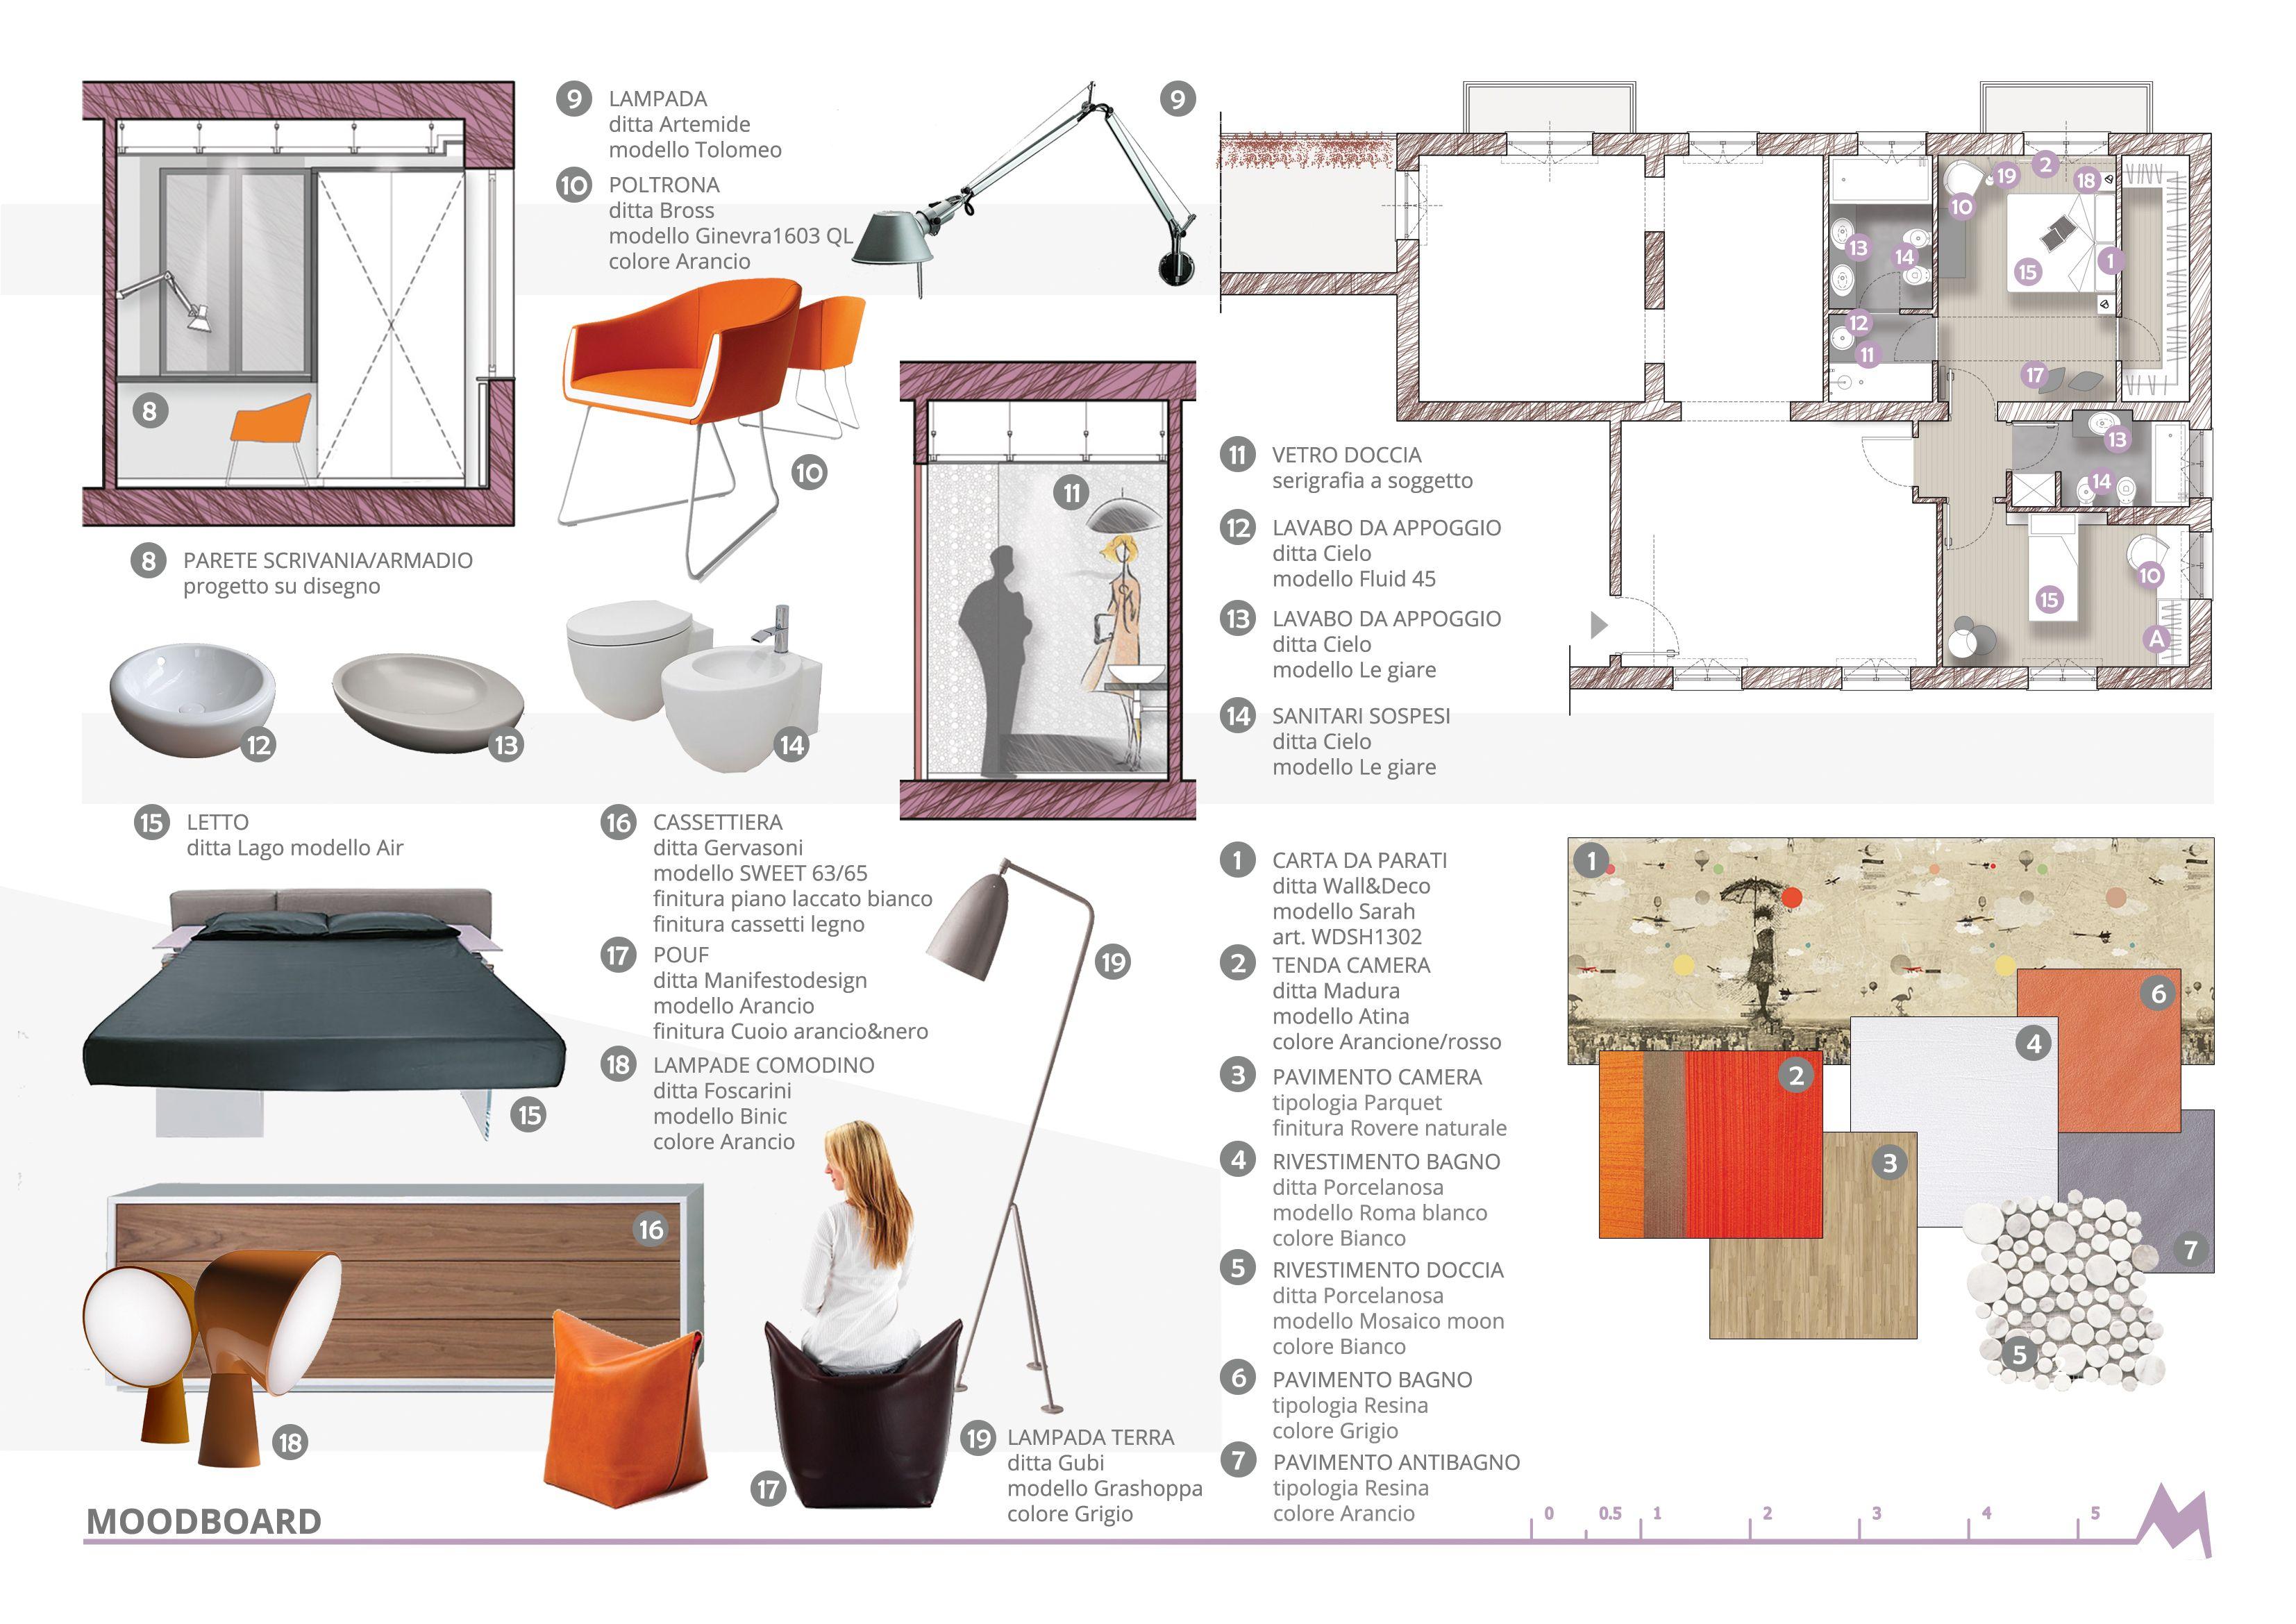 Ef architettura moodboard arredi e finiture for Progetti architettura interni